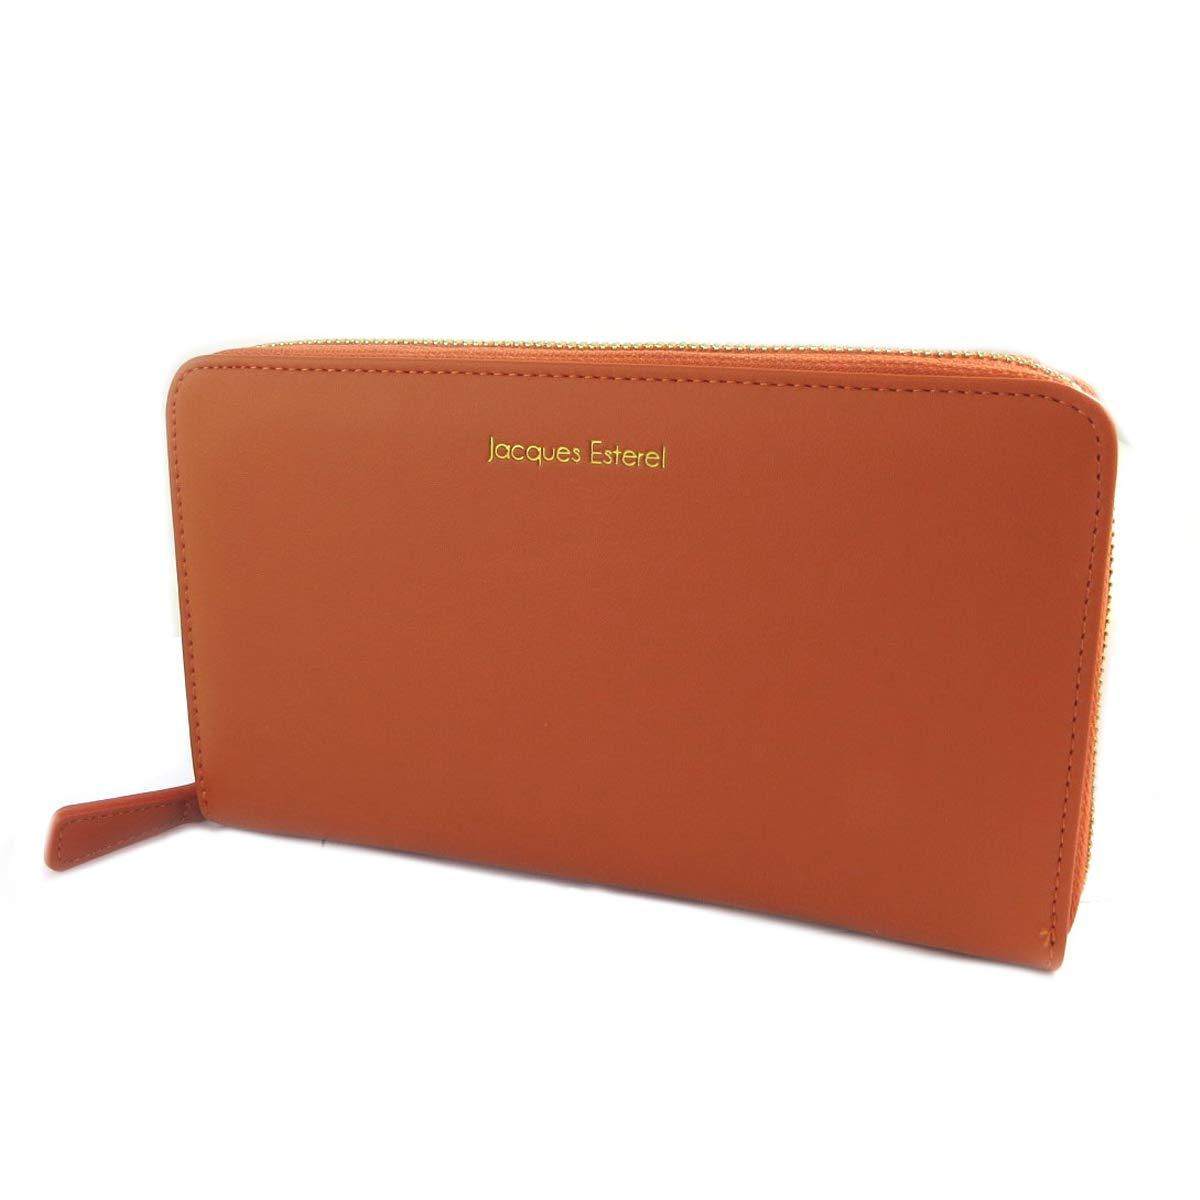 Jacques ESTEREL [Q2157]  Wallet + checkbook holder zipped 'Jacques Esterel' orange  21x10x2.5 cm (8.27''x3.94''x0.98'').